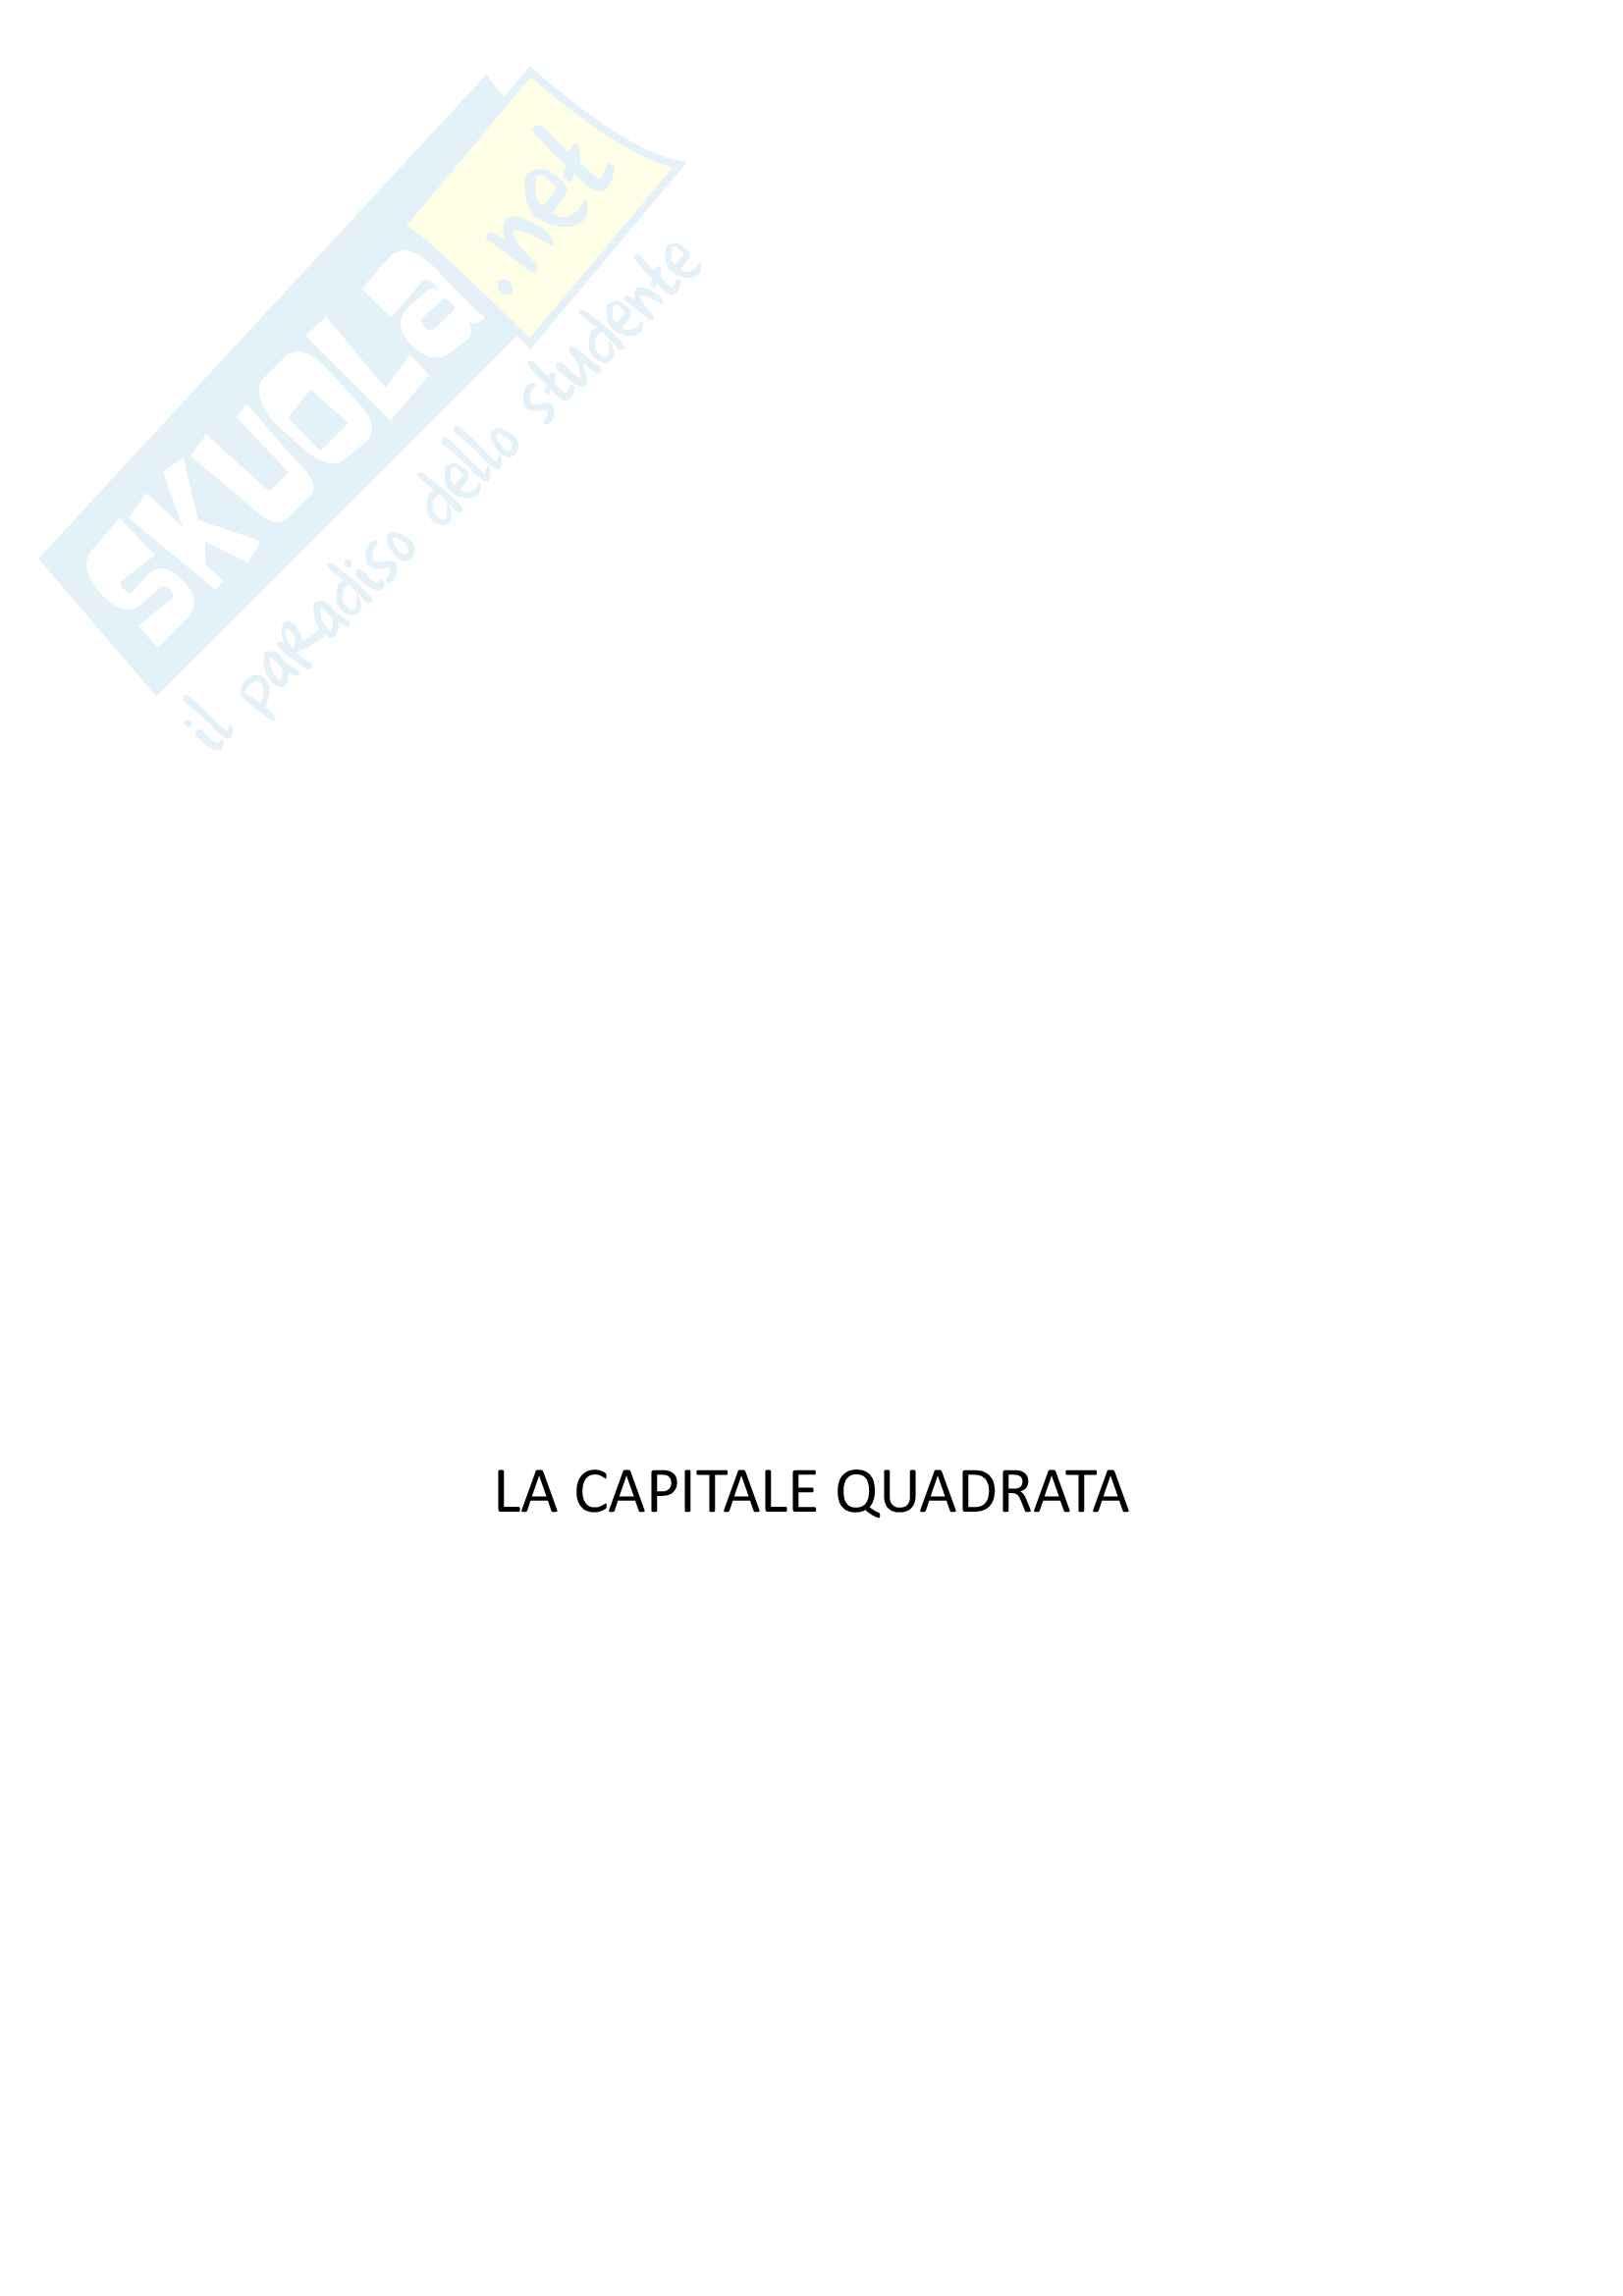 Capitale Quadrata